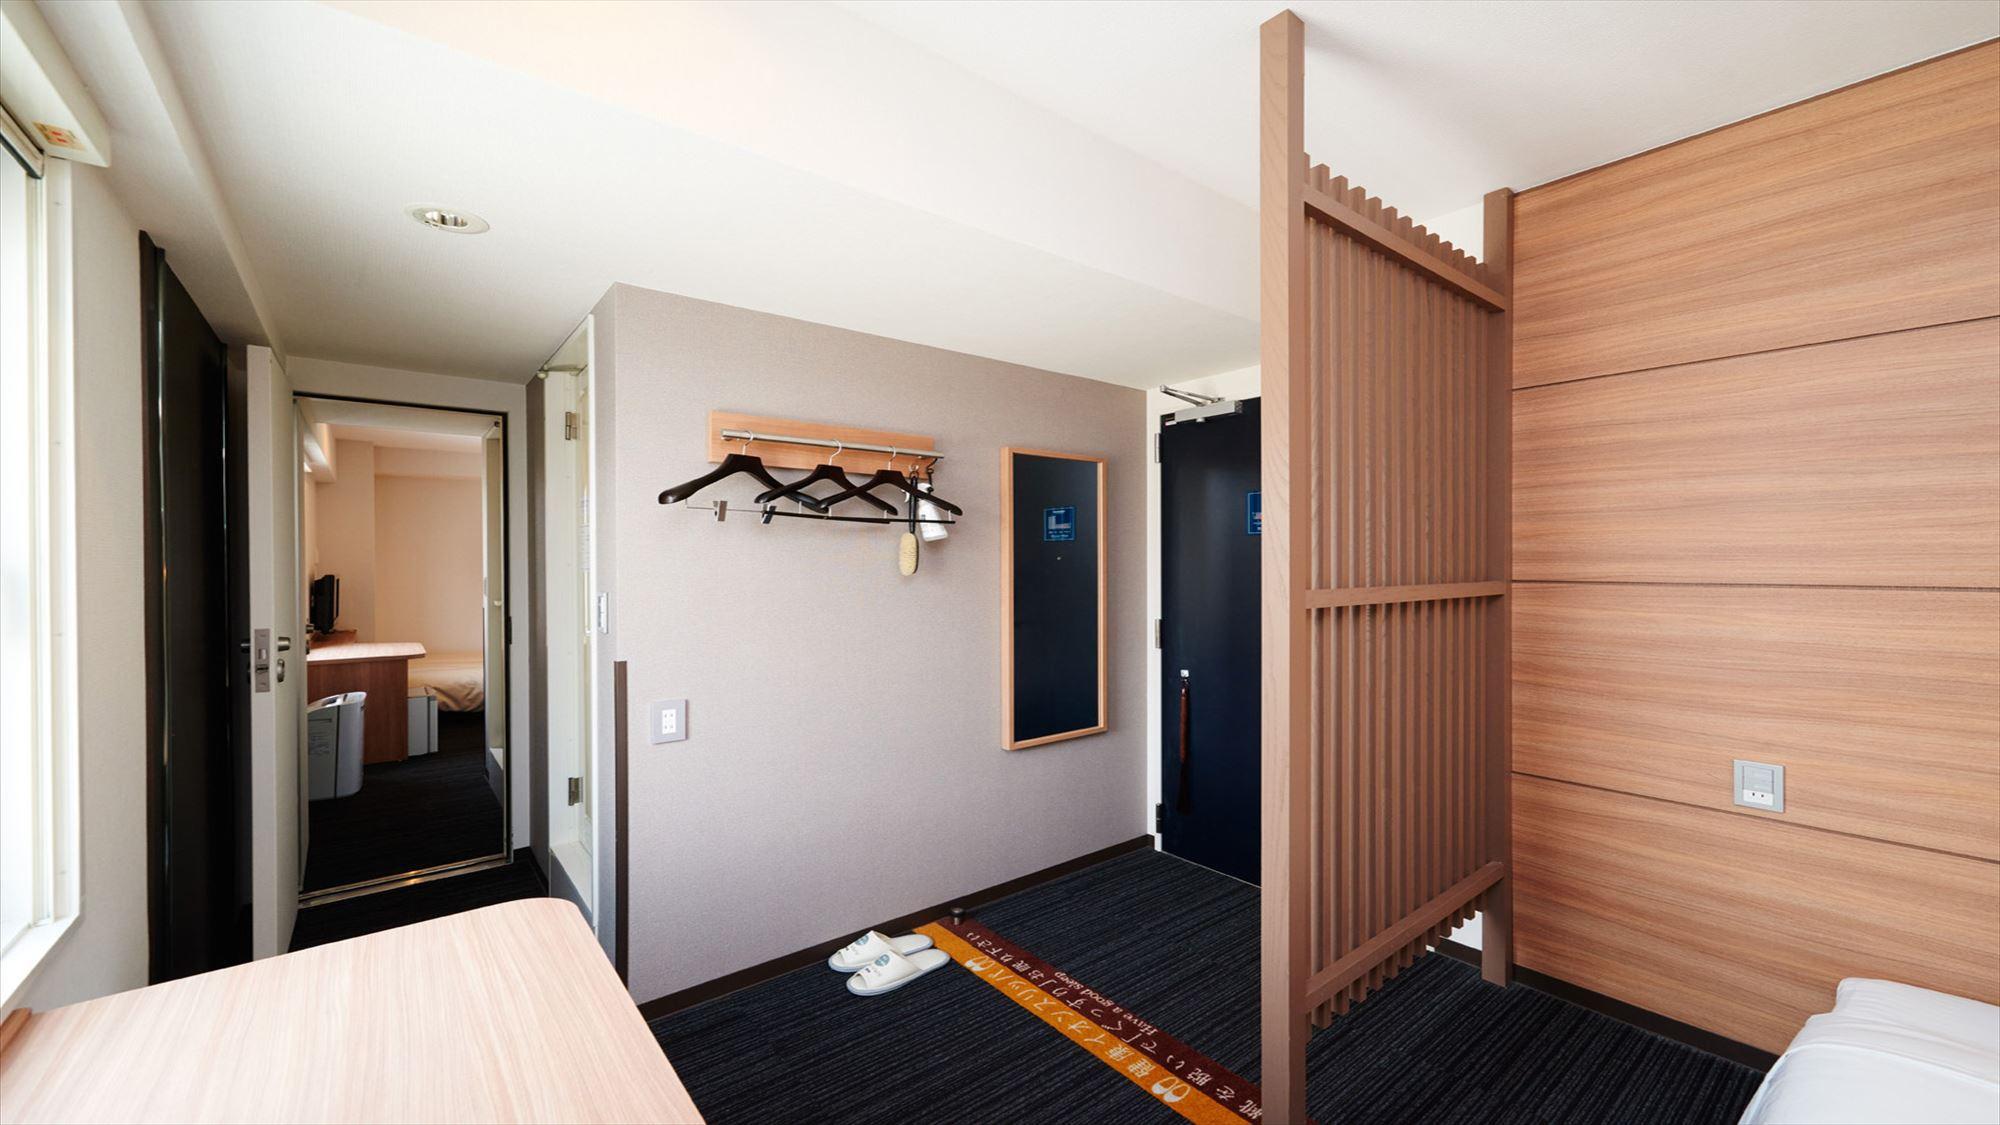 ダブルサイズのワイドベッドがあるスタンダードルームが2部屋繋がった【コネクティングルーム】です。